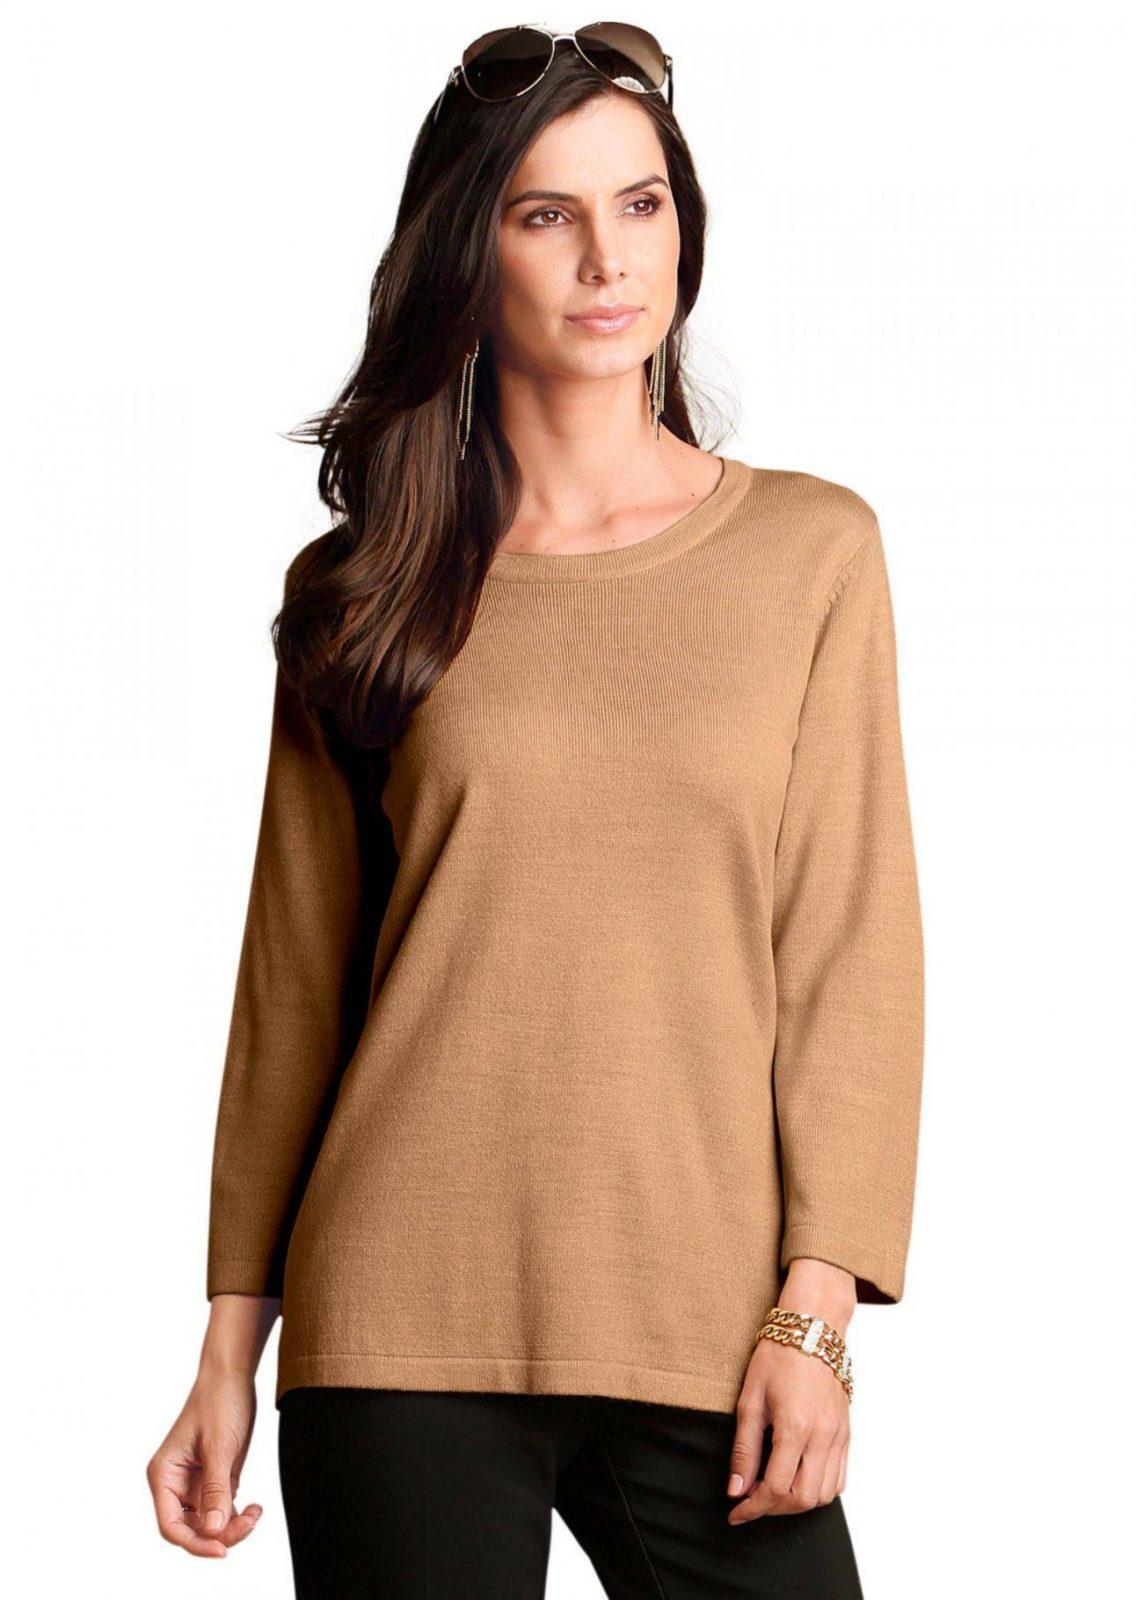 Pullover Mit Modischem Dreieckschal Online Kaufen  Atelier Goldner von Atelier Goldner Schnitt Lagerverkauf Photo